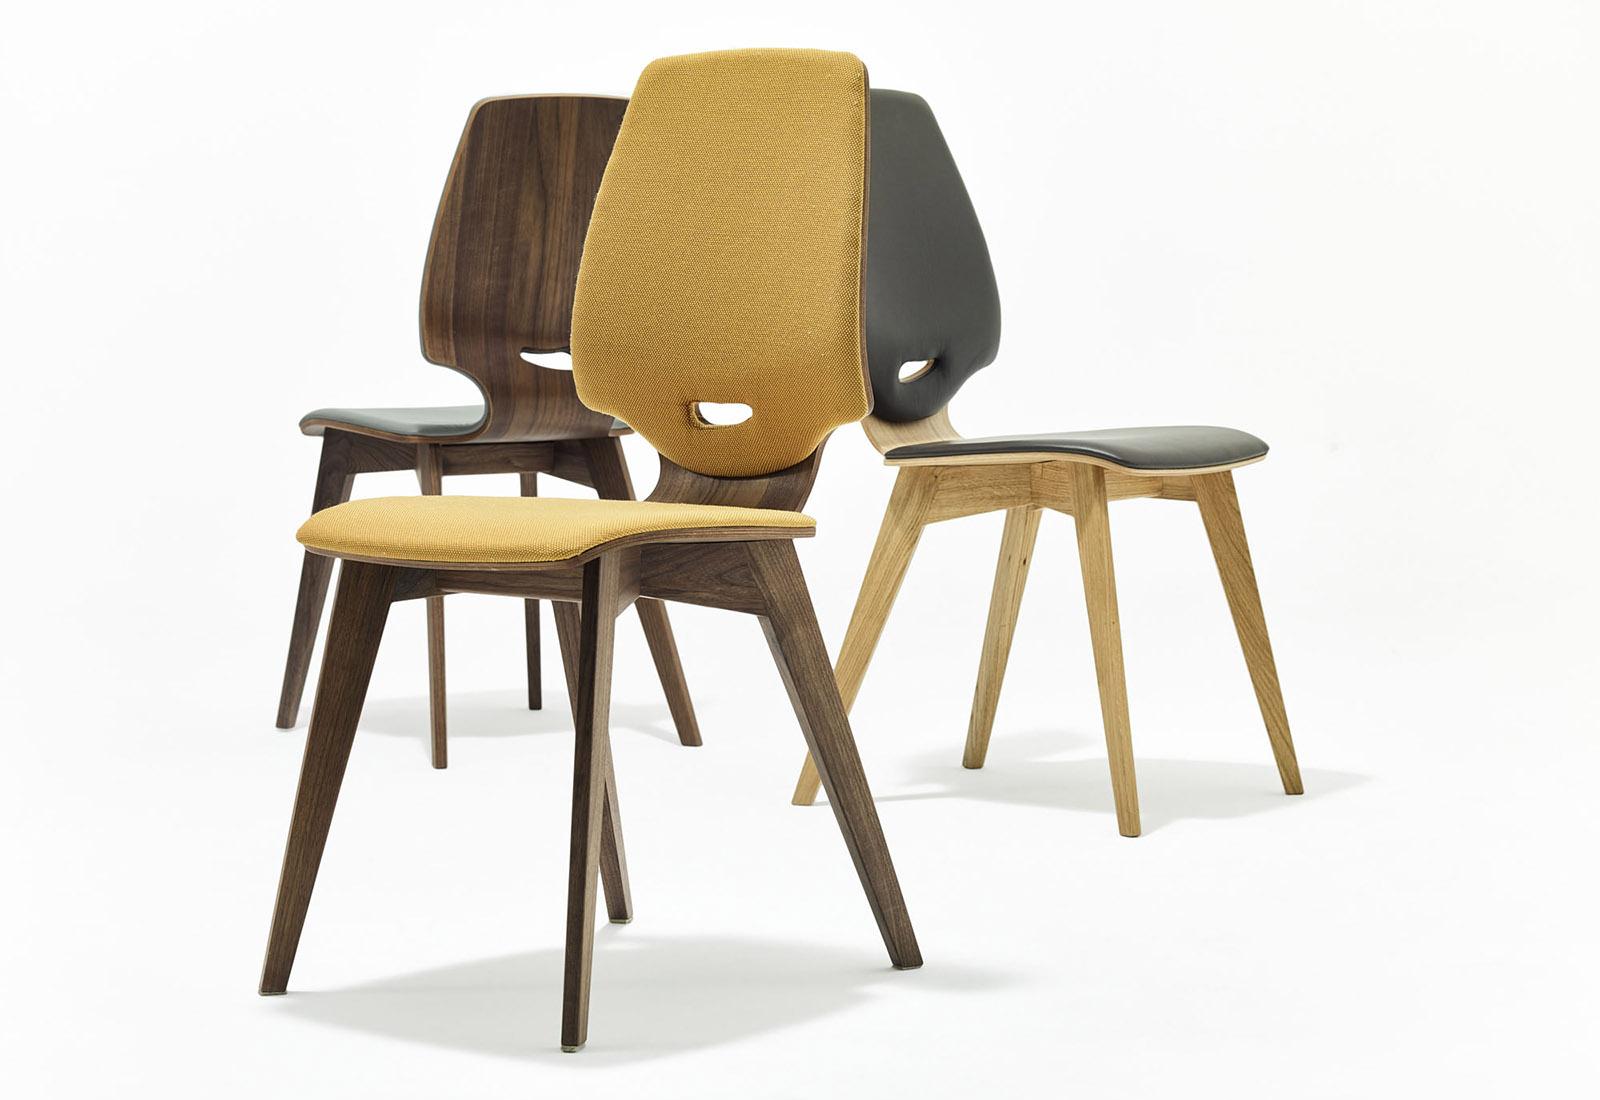 FINN upholstered chair